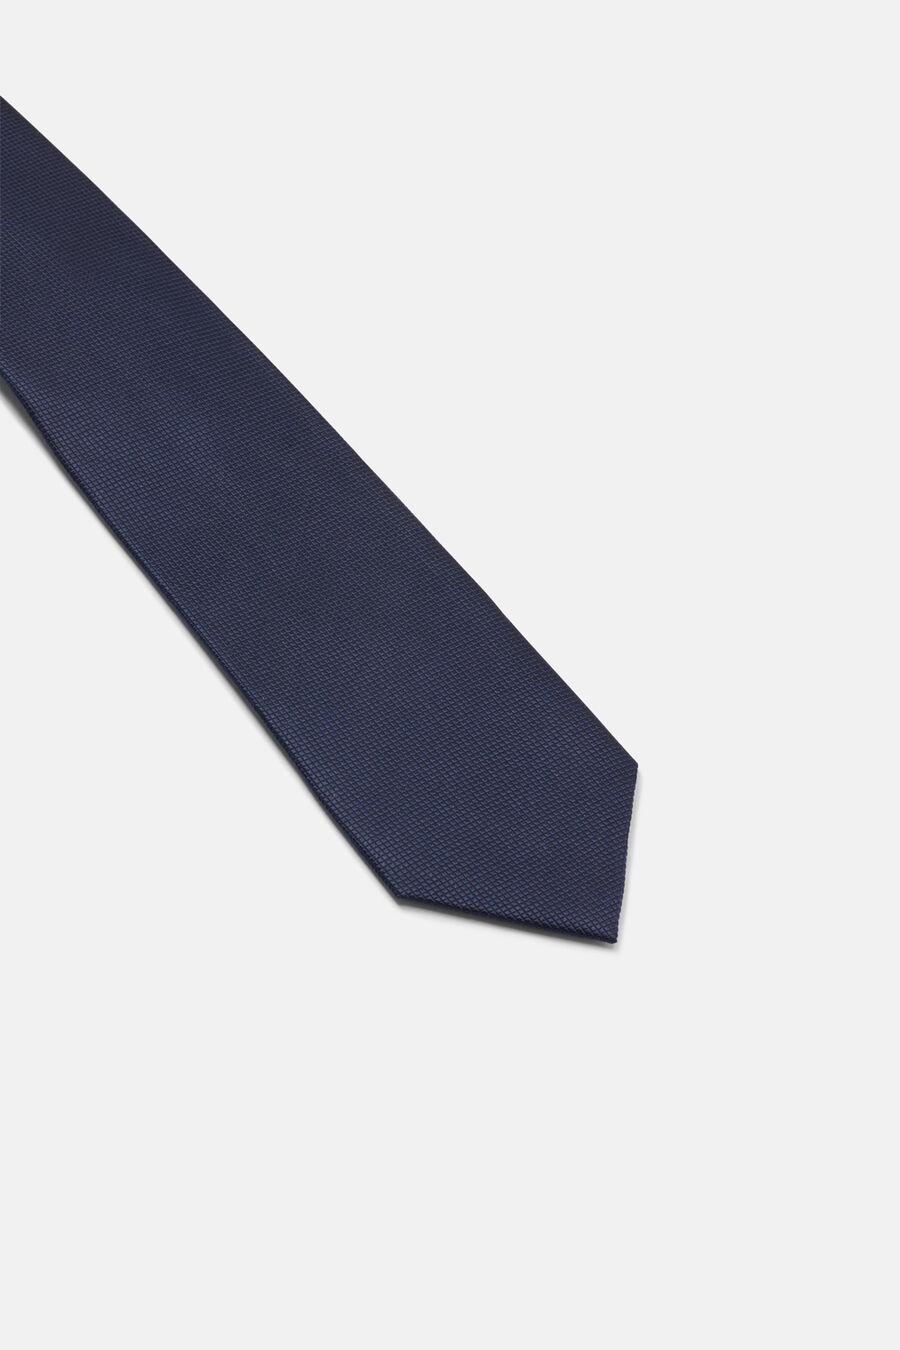 Structure tie